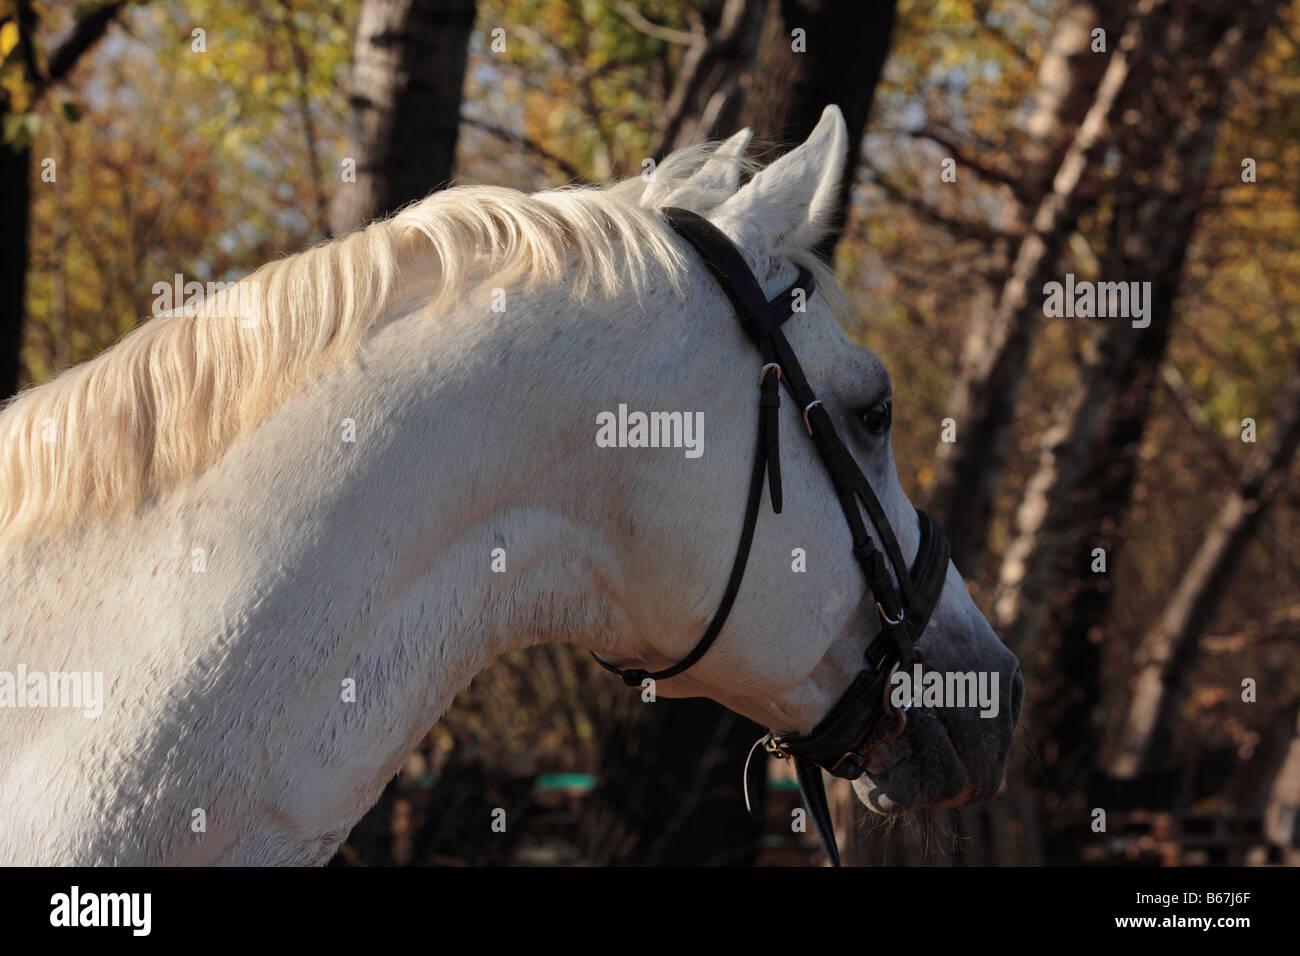 Arabian Horse (Equus caballus), portrait of stallion - Stock Image